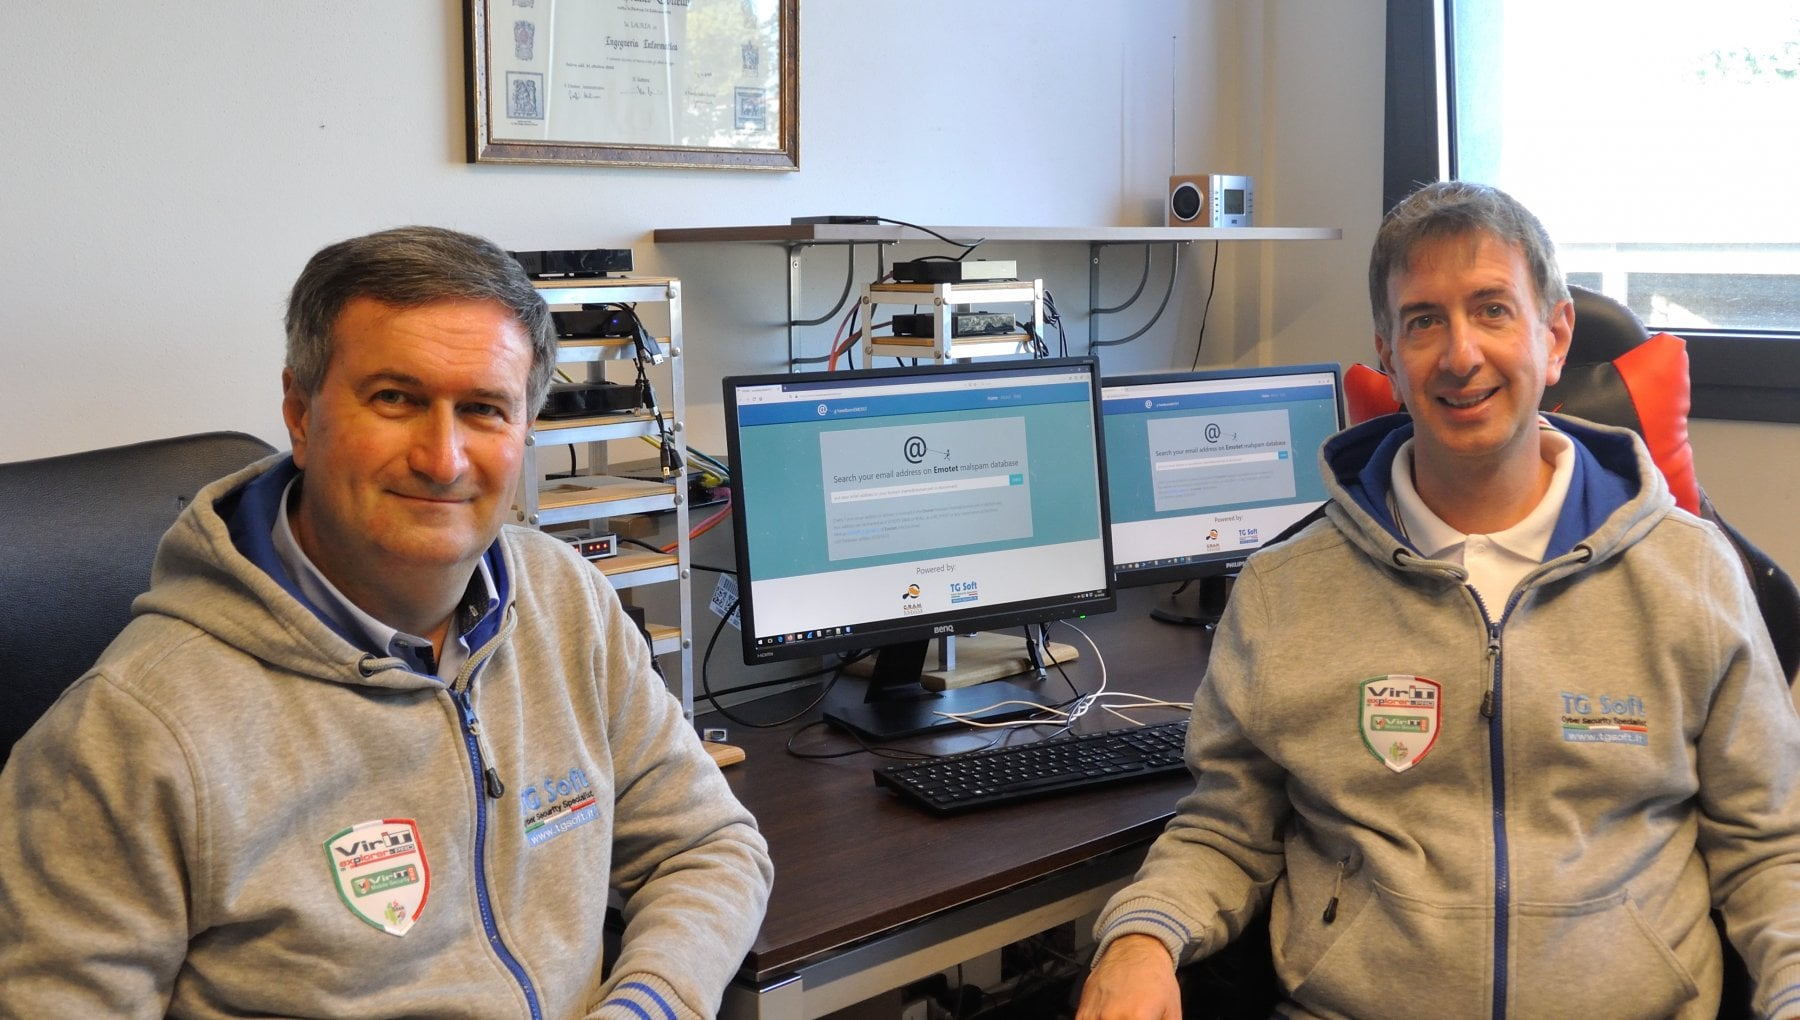 Gli artigiani informatici italiani che ci difendono dagli attacchi dei cybercriminali